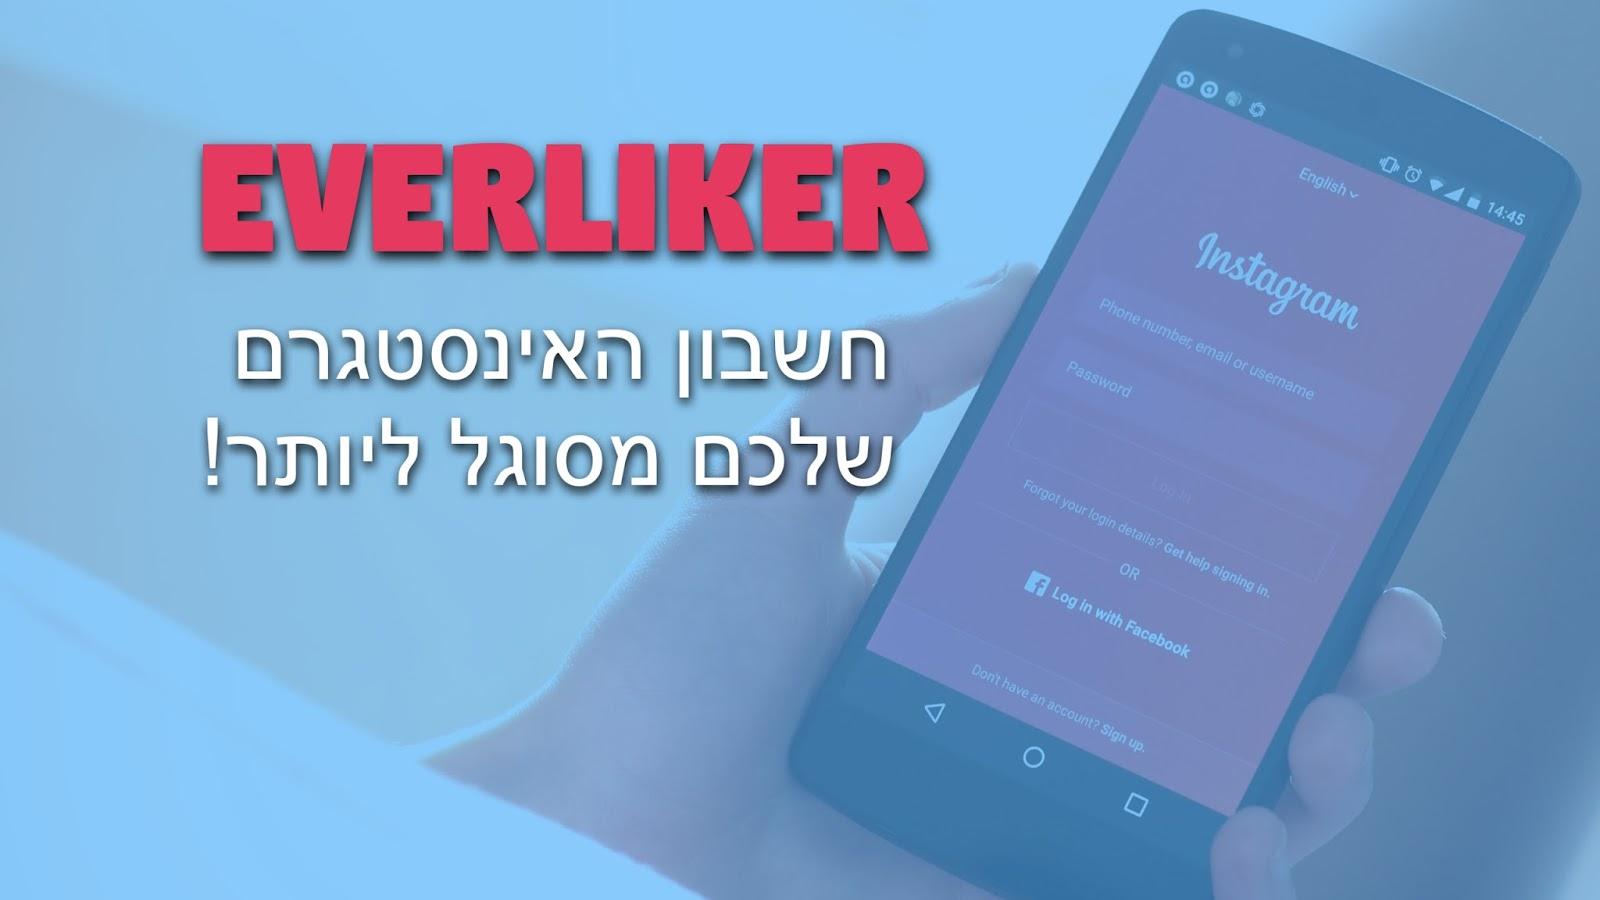 קדמו את חשבון האינסטגרם שלכם באמצעות Everliker | כסף באינטרנט